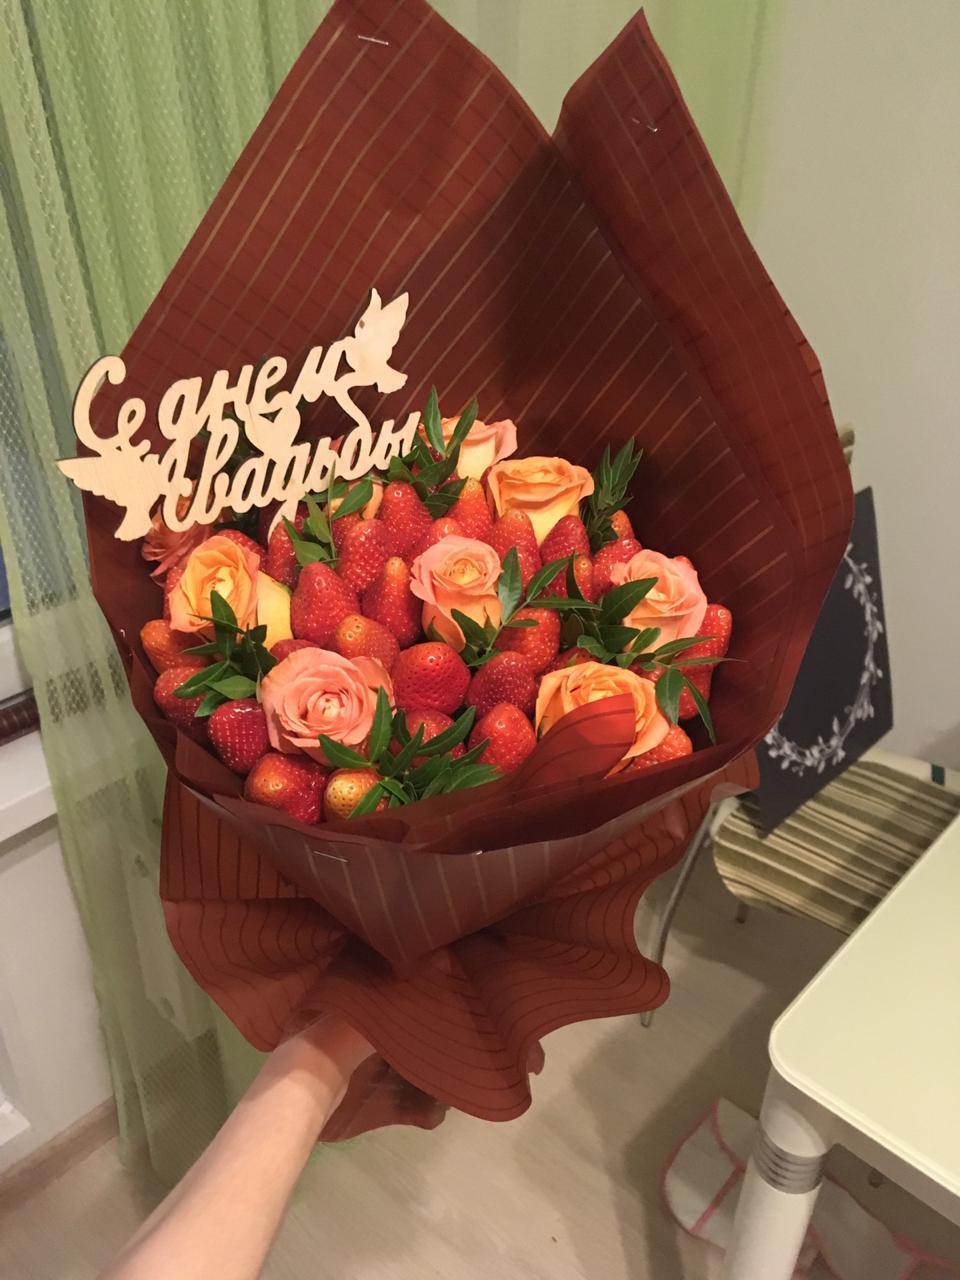 Заказать свадебный букет в Екатеринбурге с доставкой -https://www.ekbbuket.ru/